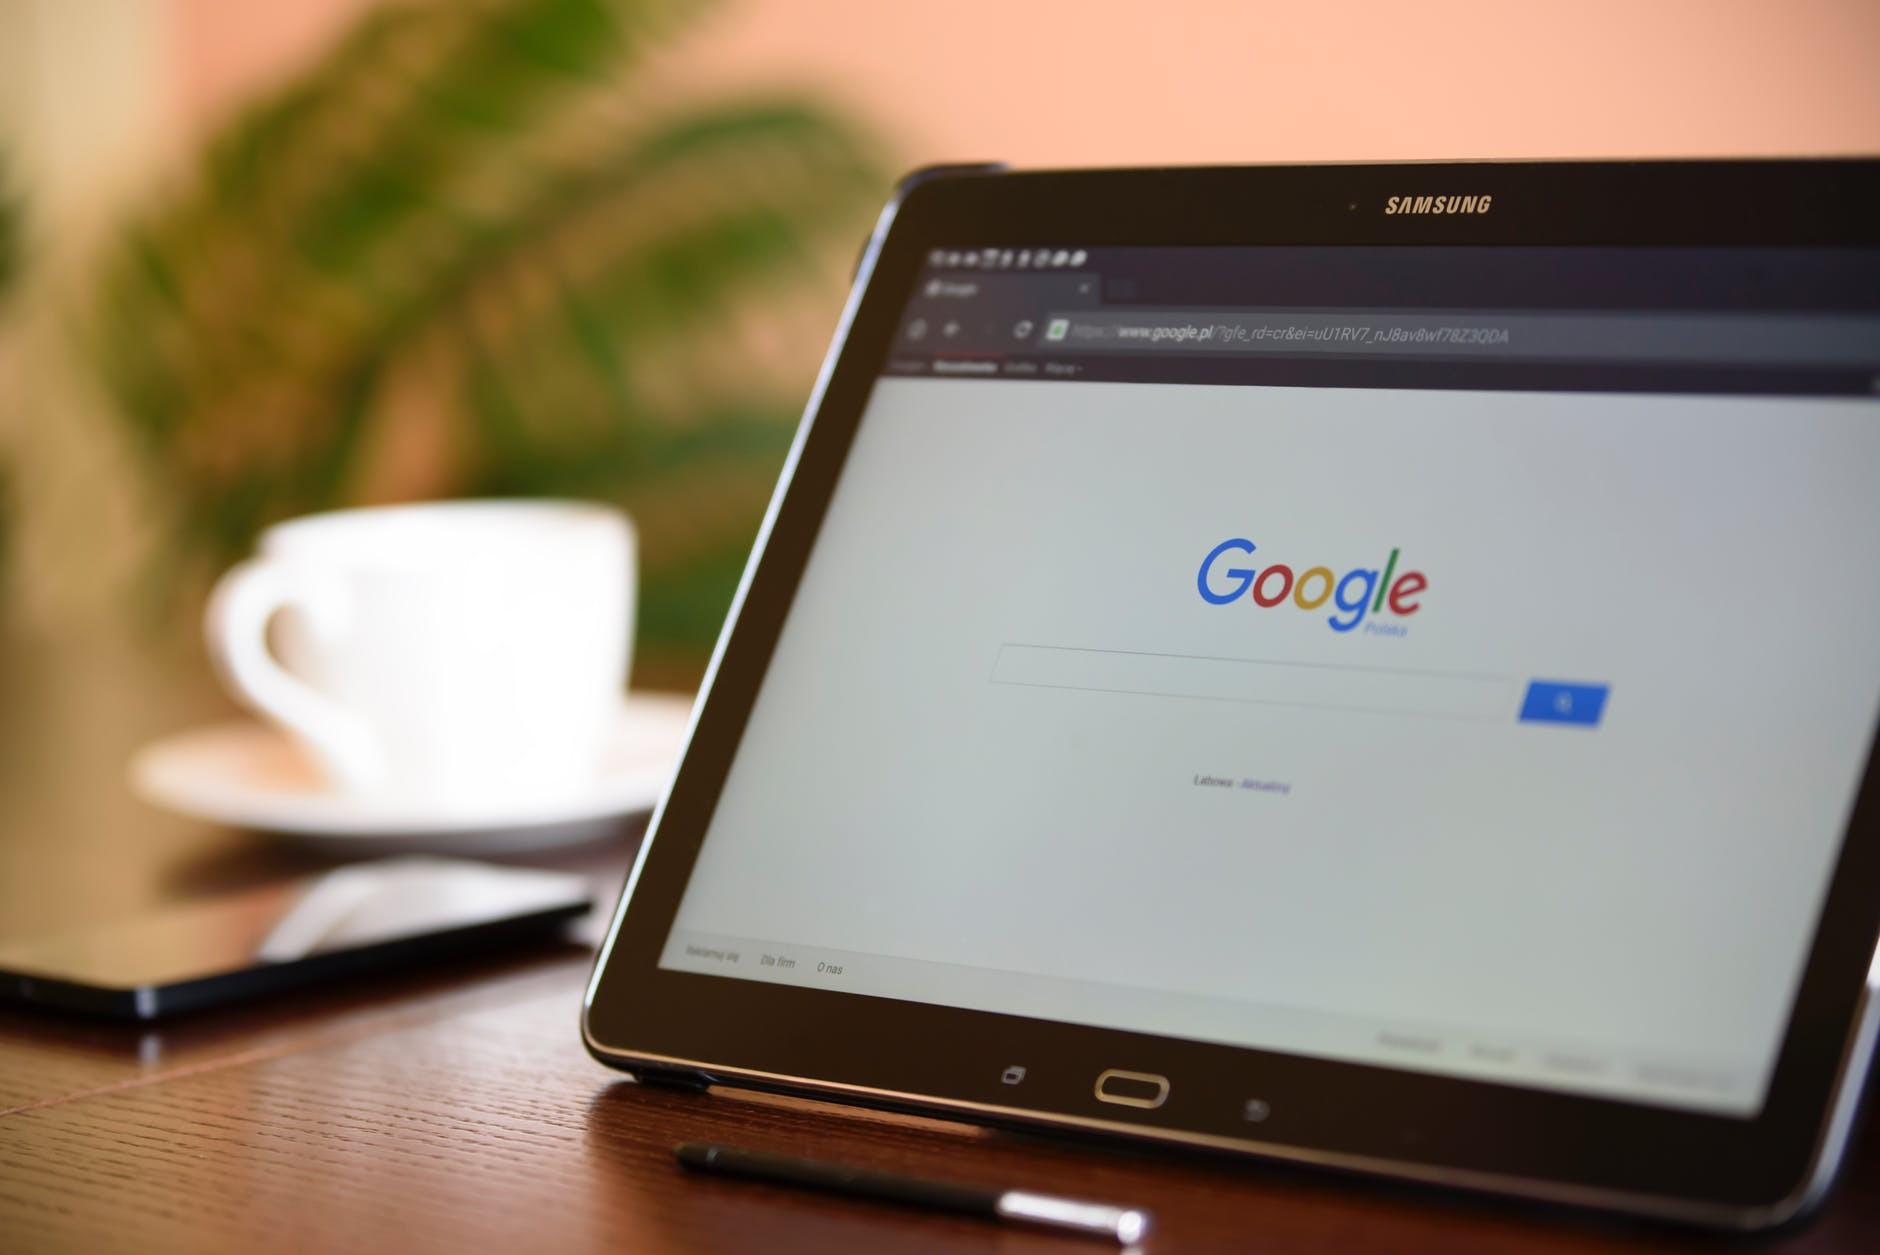 Apa Manfaat dari Google Business